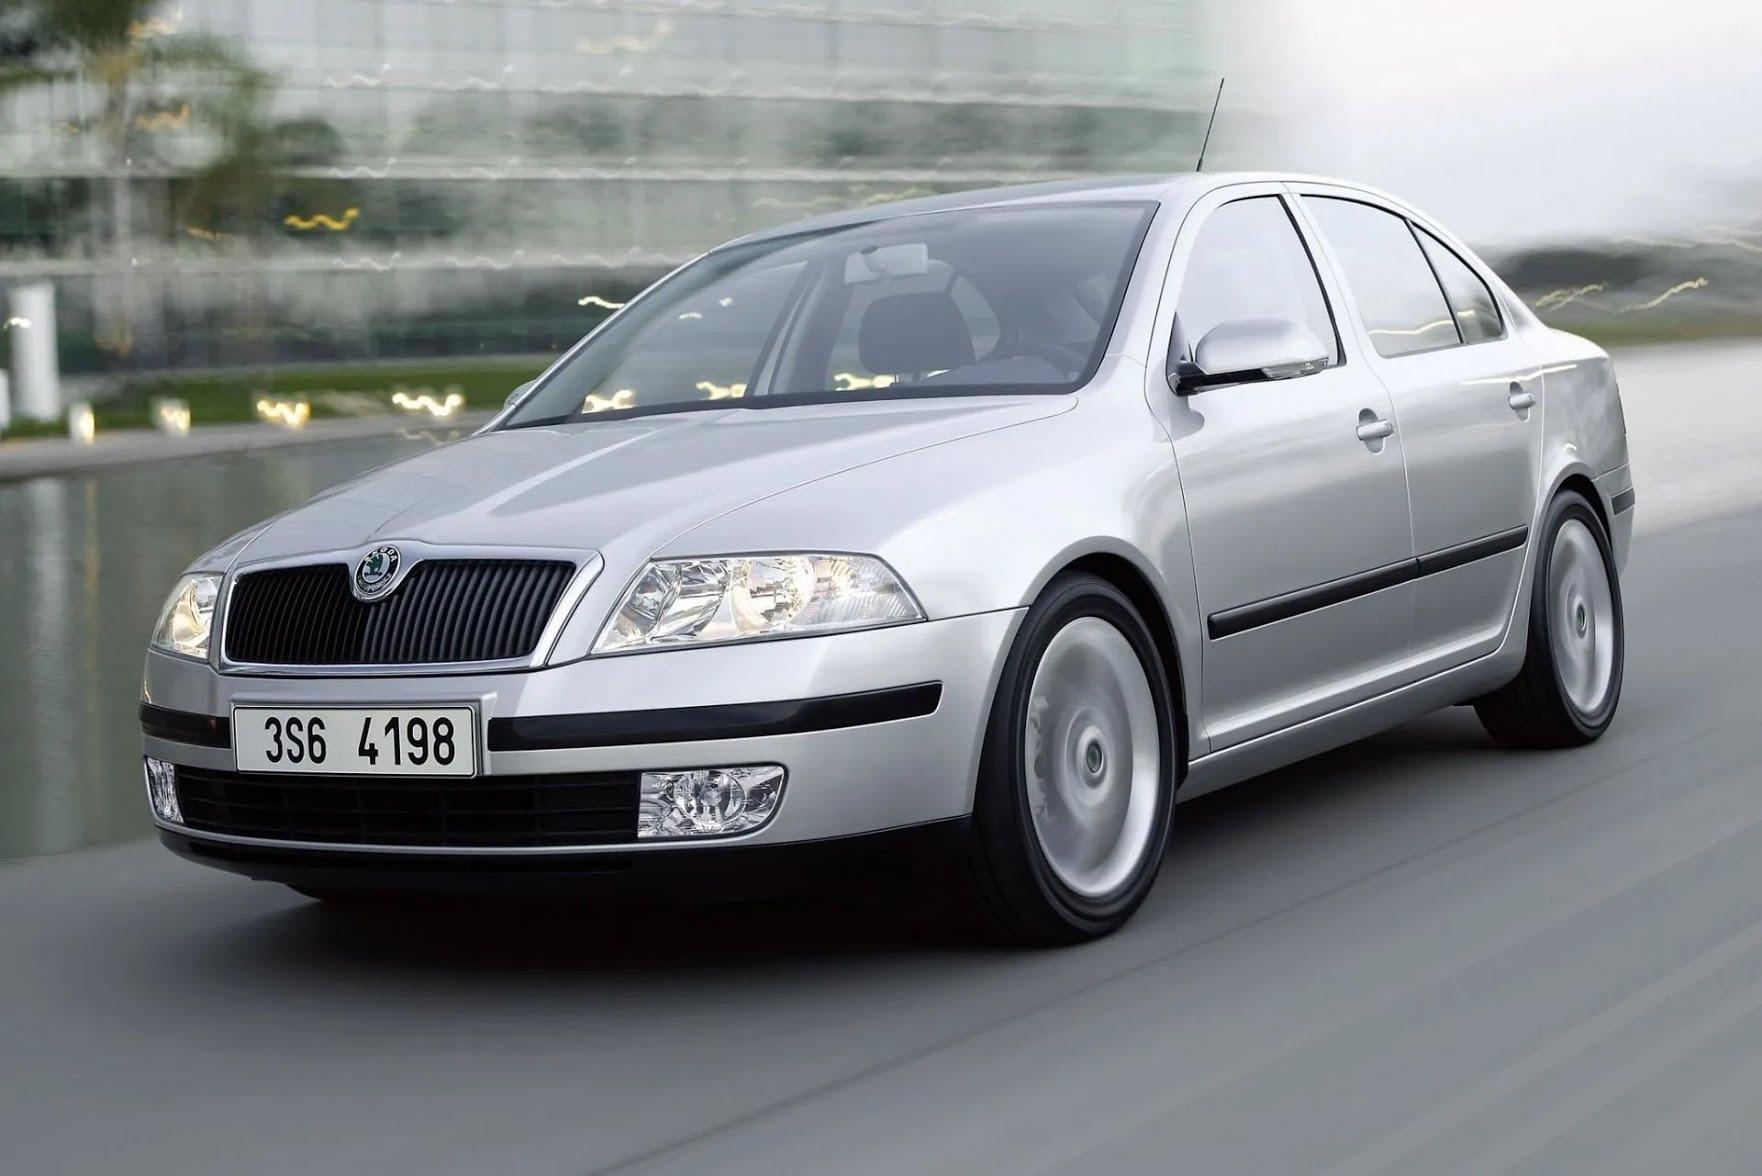 Skoda Octavia залишається популярним вживаним авто в Україні.